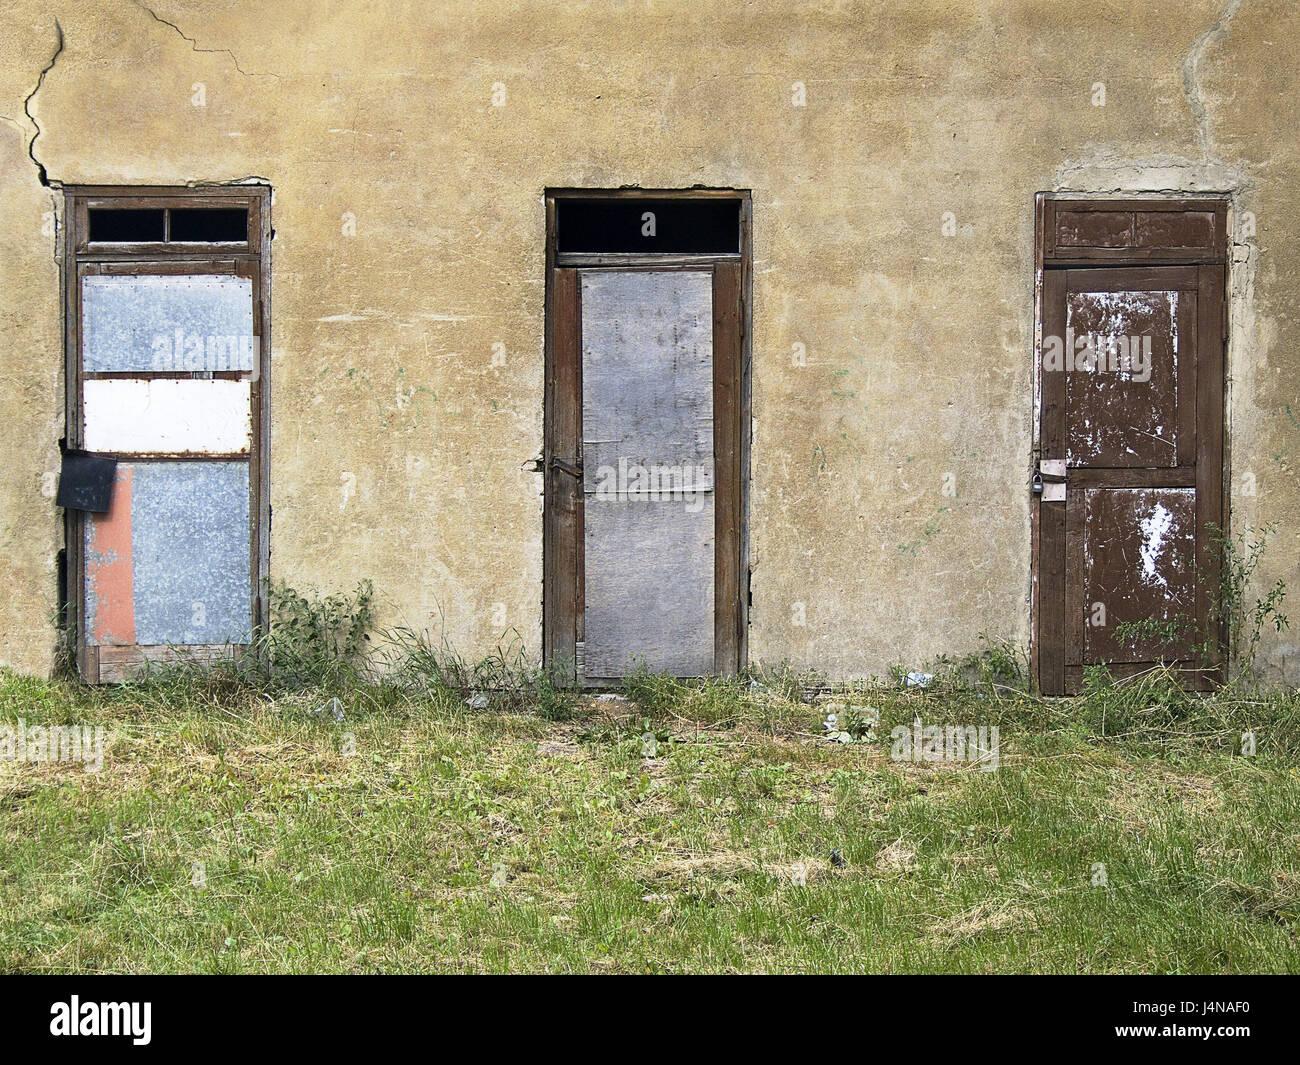 Haus, Detail, Türen, drei, Altbau, Fassade, Mauer, Eingänge ...